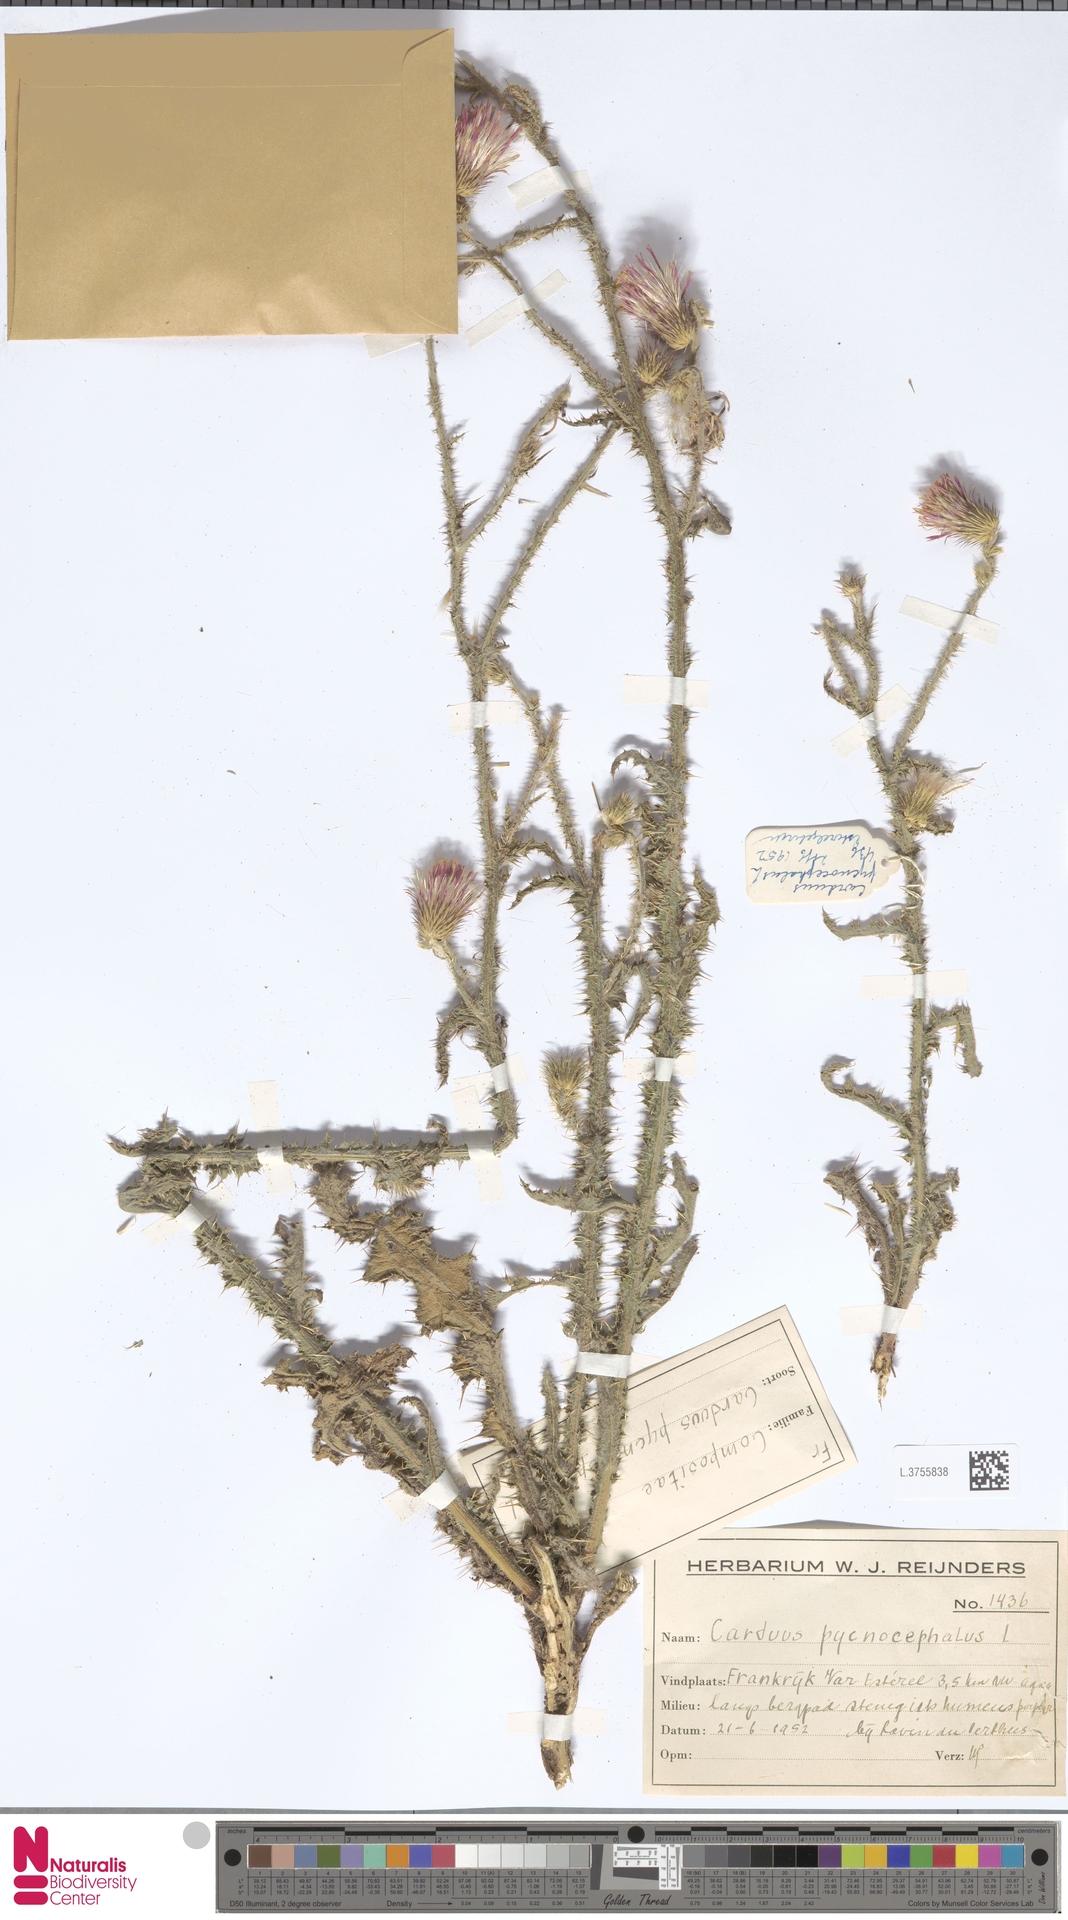 L.3755838 | Carduus pycnocephalus L.